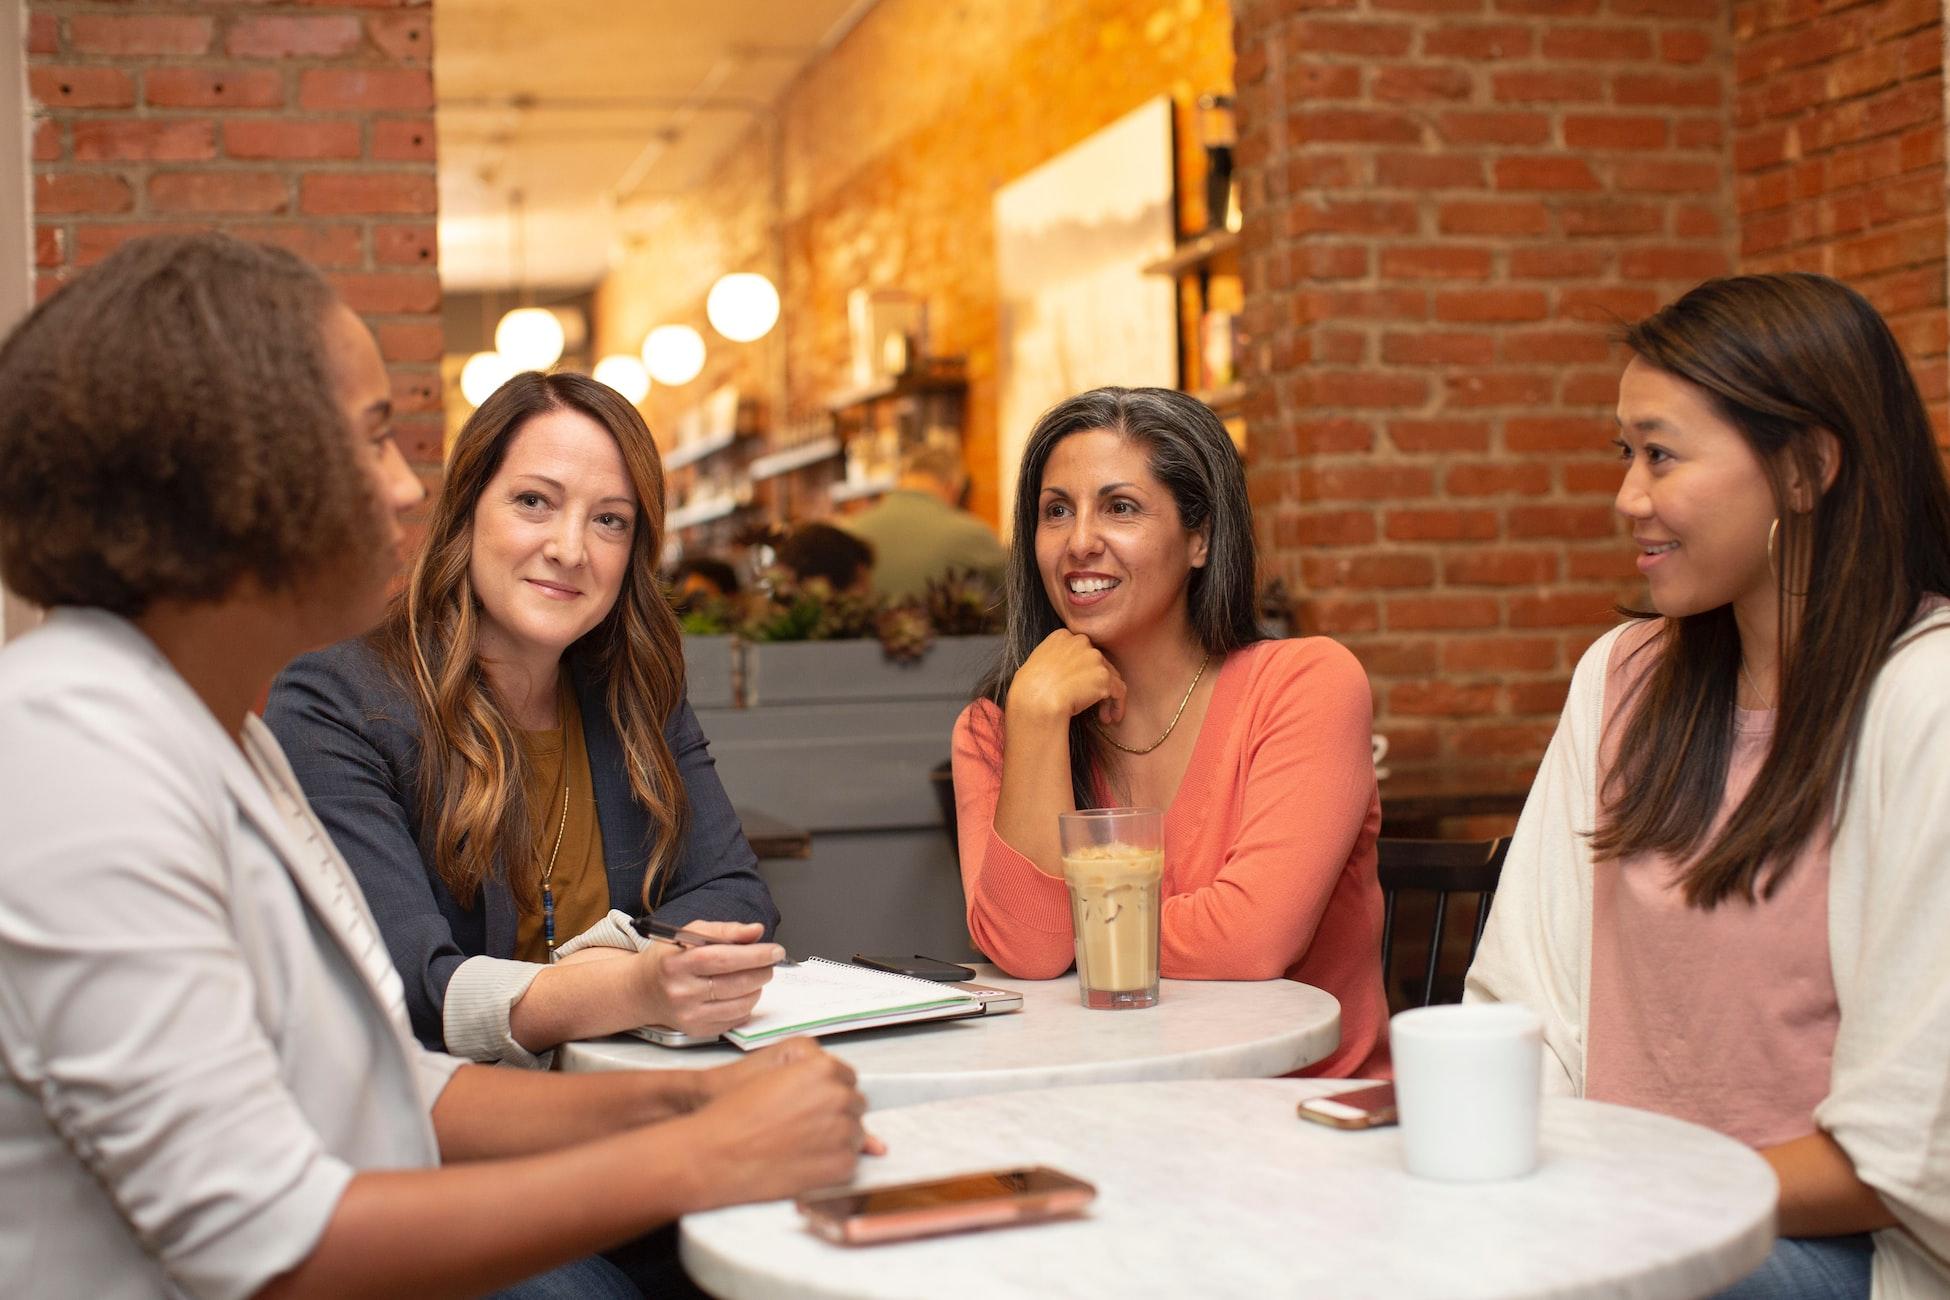 Virtual Team Building_Ladies Talking - The Best List of Team Icebreaker Questions